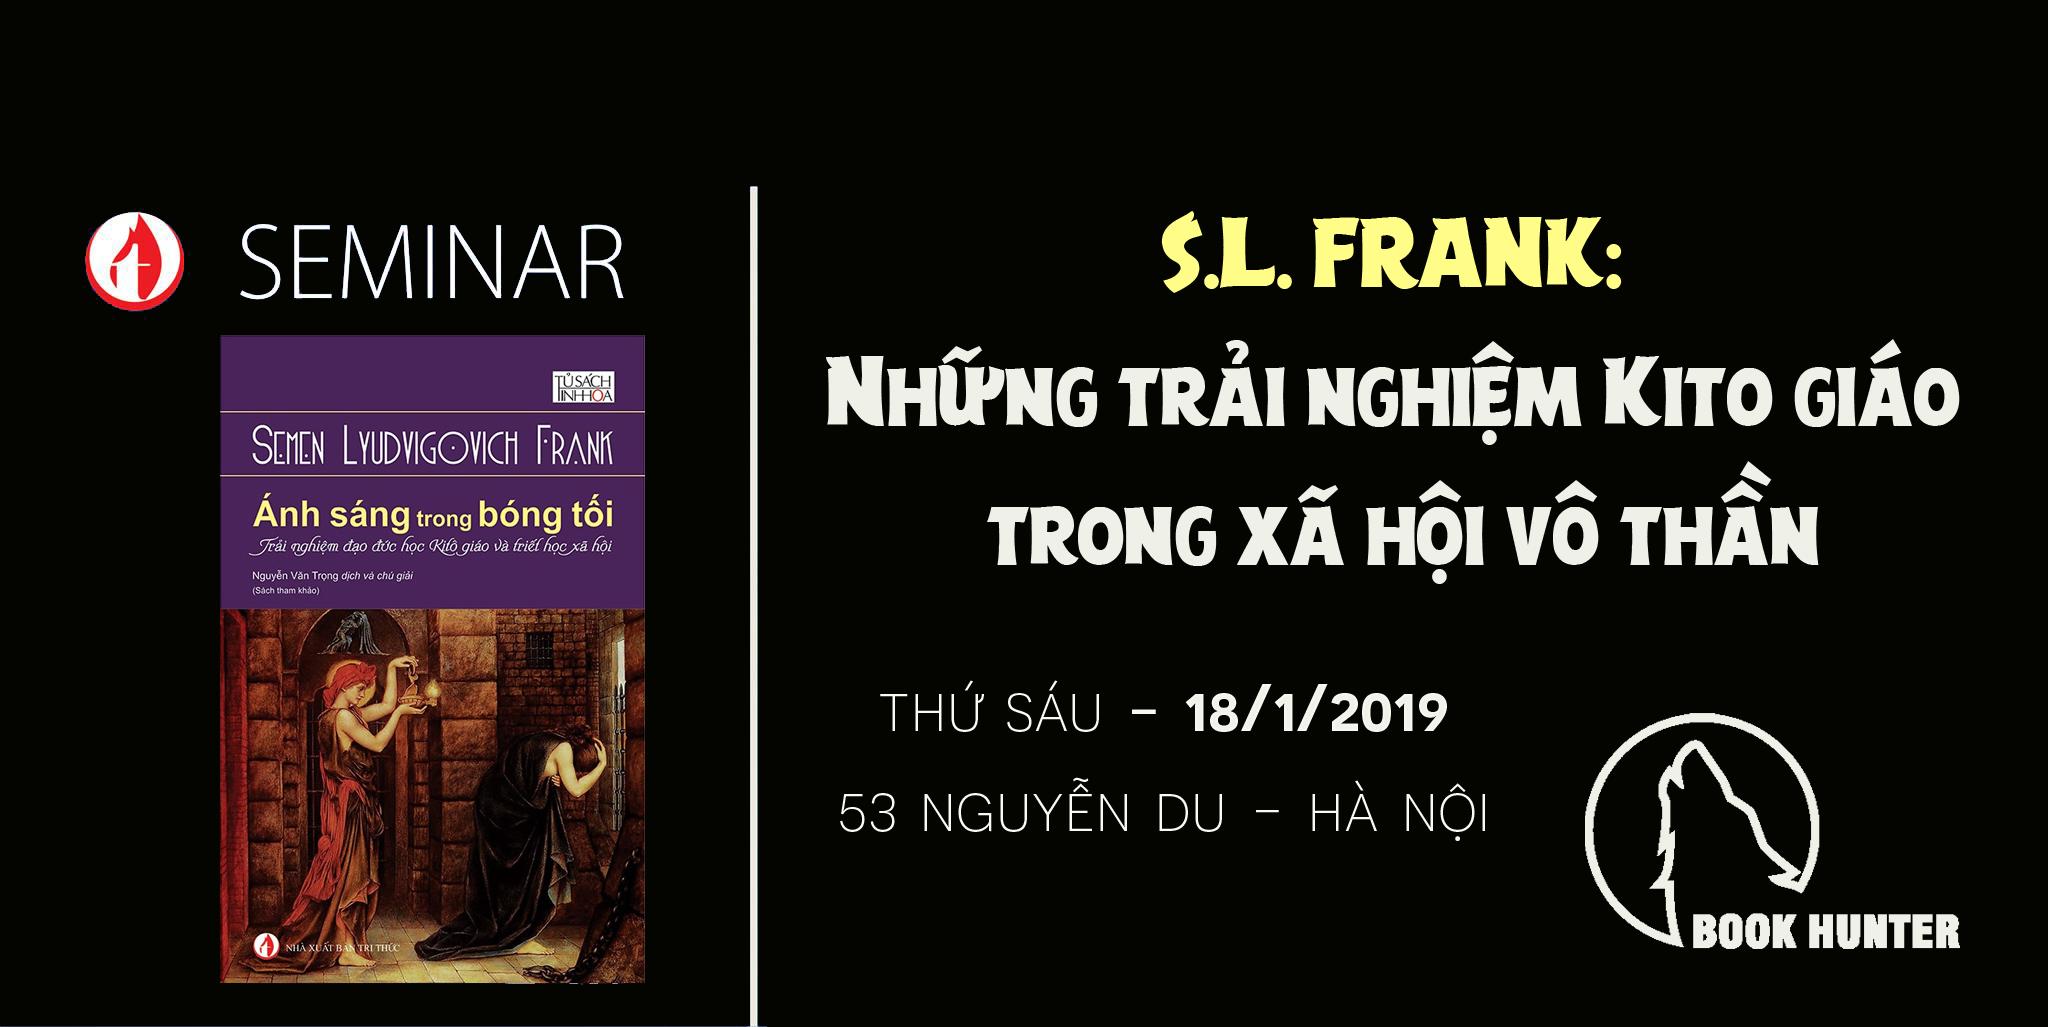 Seminar: Những trải nghiệm Kito giáo trong xã hội vô thần của S.L. Frank